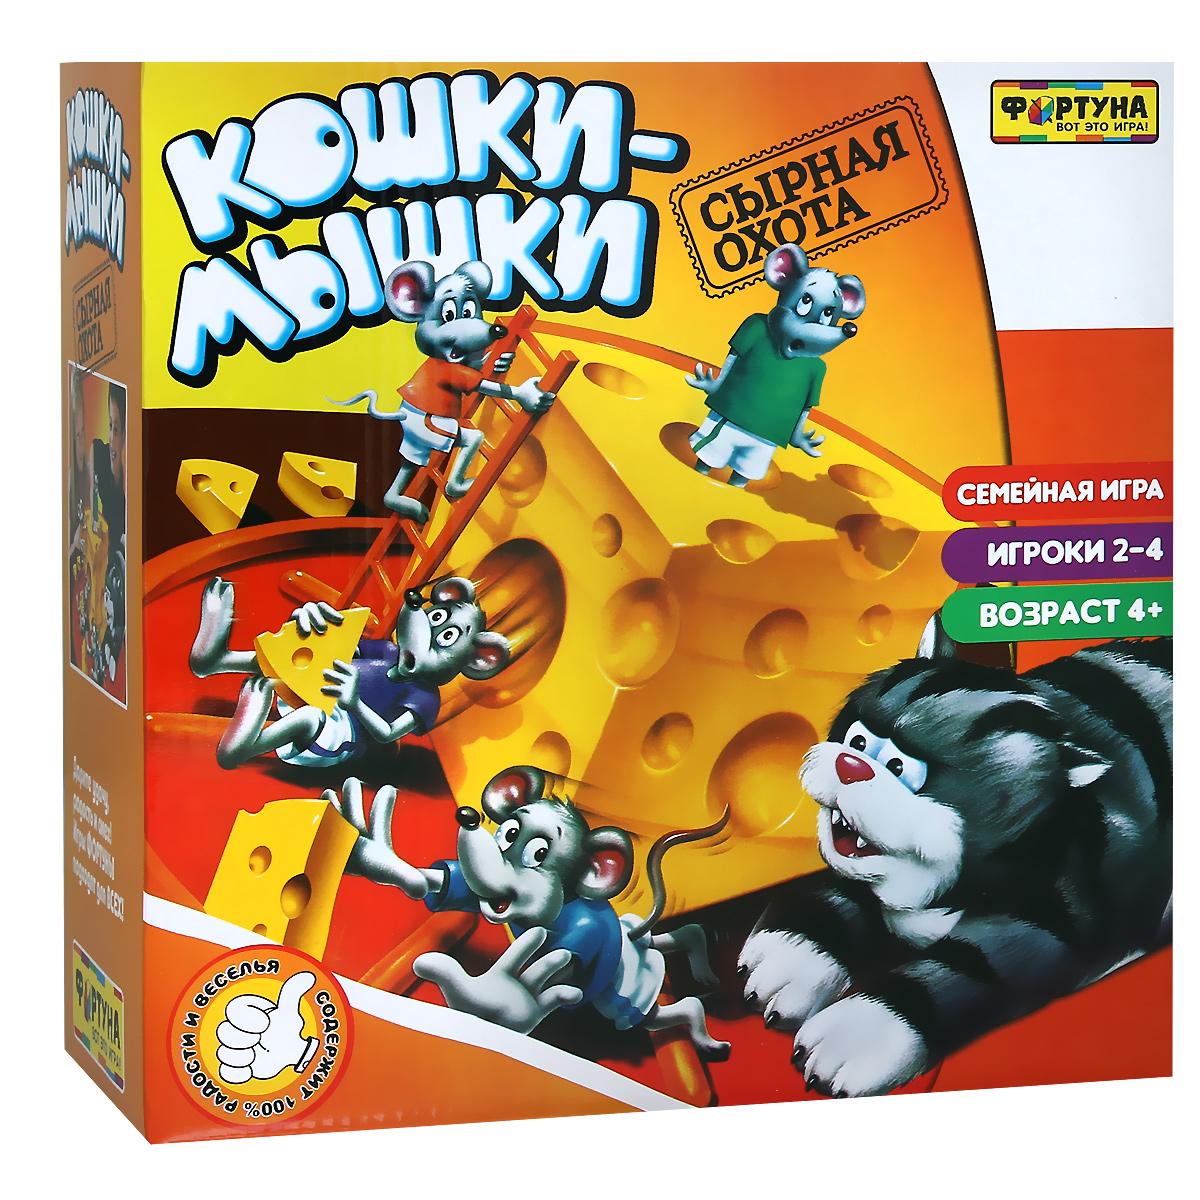 Настольная игра Кошки-мышки. Сырная погоняФ51238Настольная игра Кошки-мышки. Сырная погоня - семейная веселая игра, целью которой является собрать пять кусочков сыра как можно быстрее, пока Макс не подкрался. Комплект игры содержит большой пластиковый кусок сыра (игровое поле), 17 маленьких кусочков сыра, три лестницы, четыре цветных мышонка, кота Макса, кубик и правила игры на русском языке. Самый младший игрок начинает игру. Бросайте кубик и передвигайте вашего мышонка по часовой стрелке на количество секторов, равное числу, выпавшему на кубике, и следуйте инструкциям в секторе, где ваш мышонок остановился. Игрок, которому удалось собрать пять кусочков сыра, становится победителем.